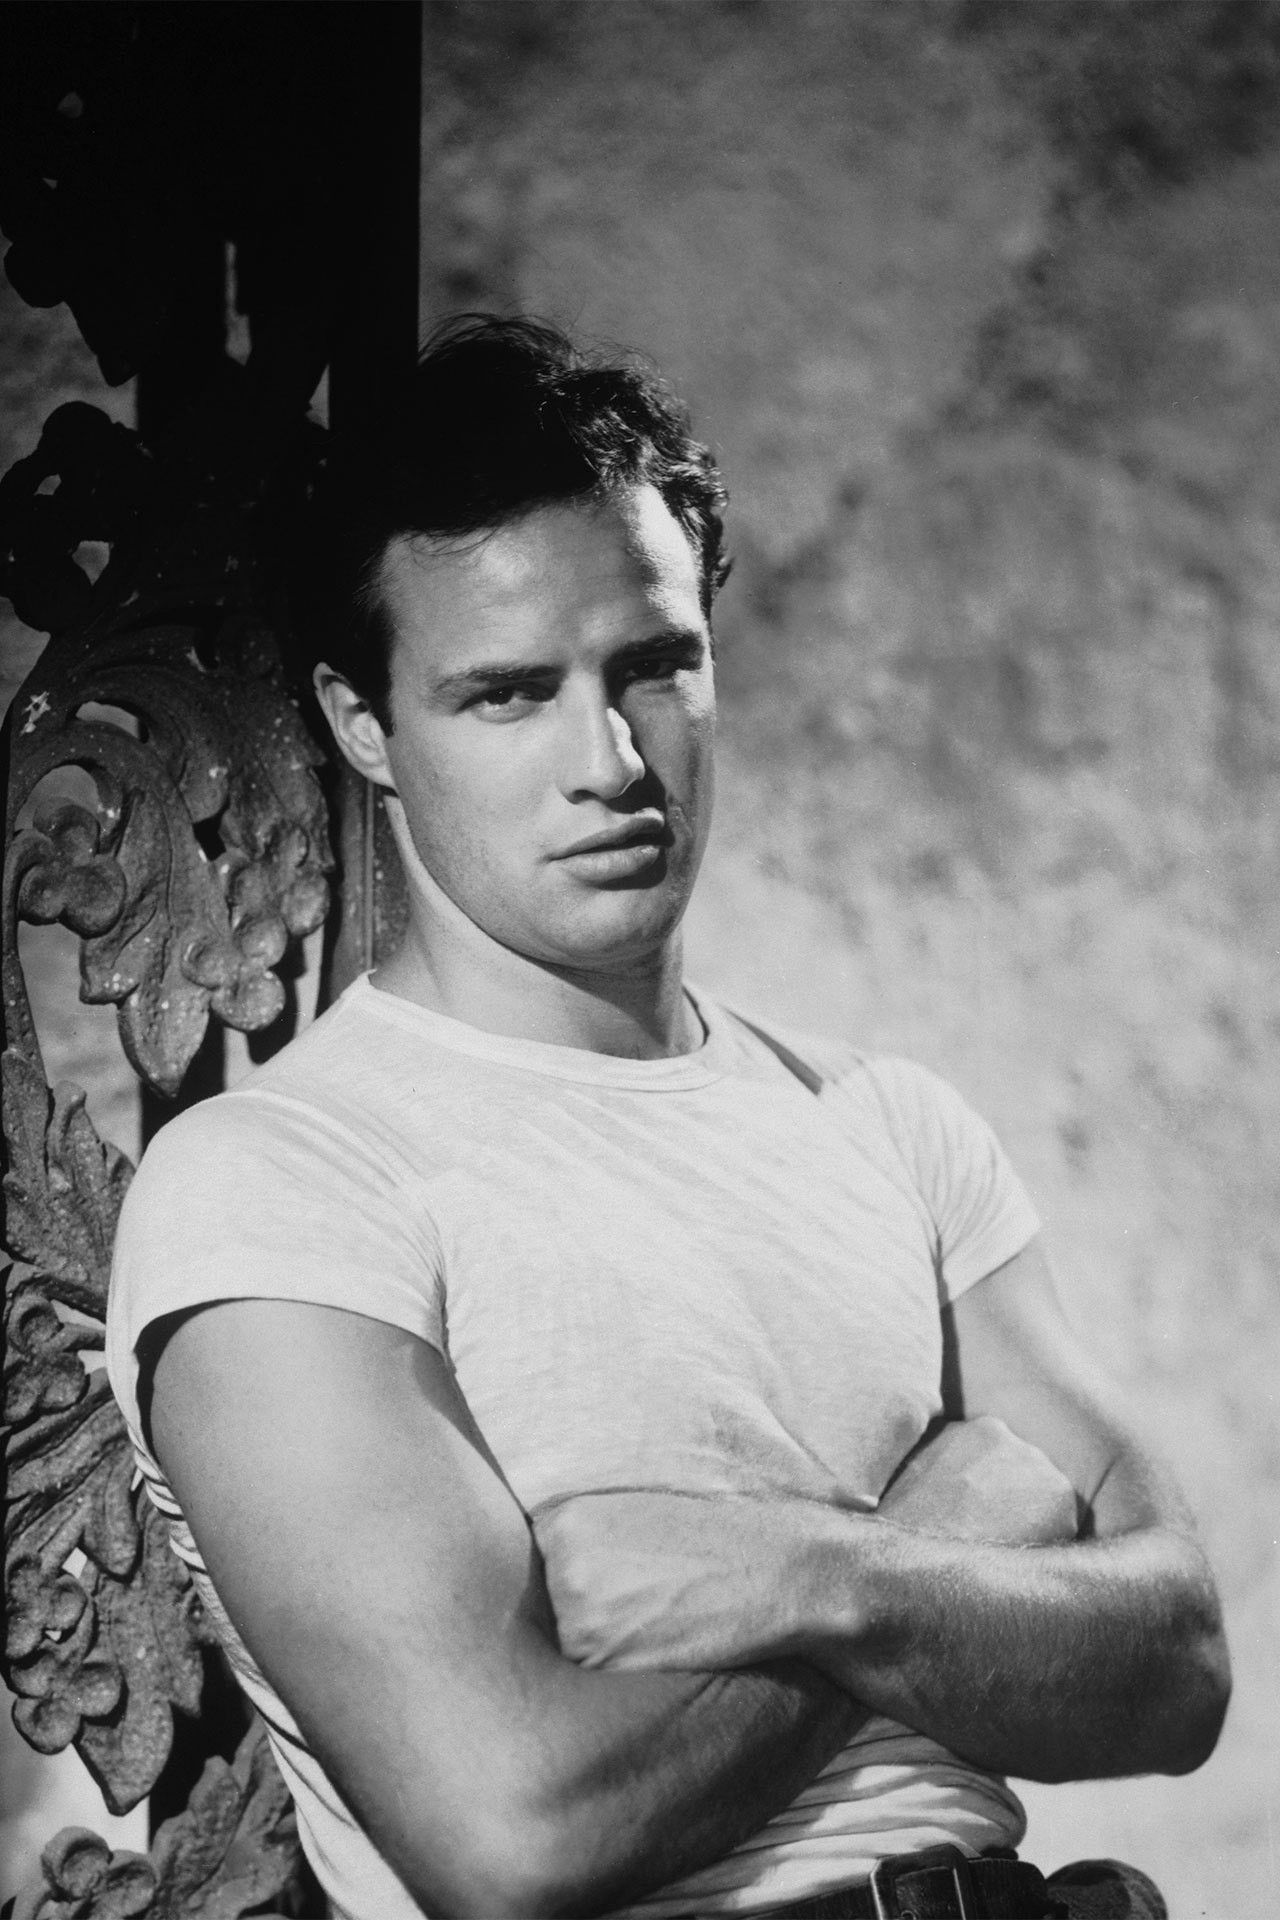 Marlon-Brando-White-T-Shirt -neomag.